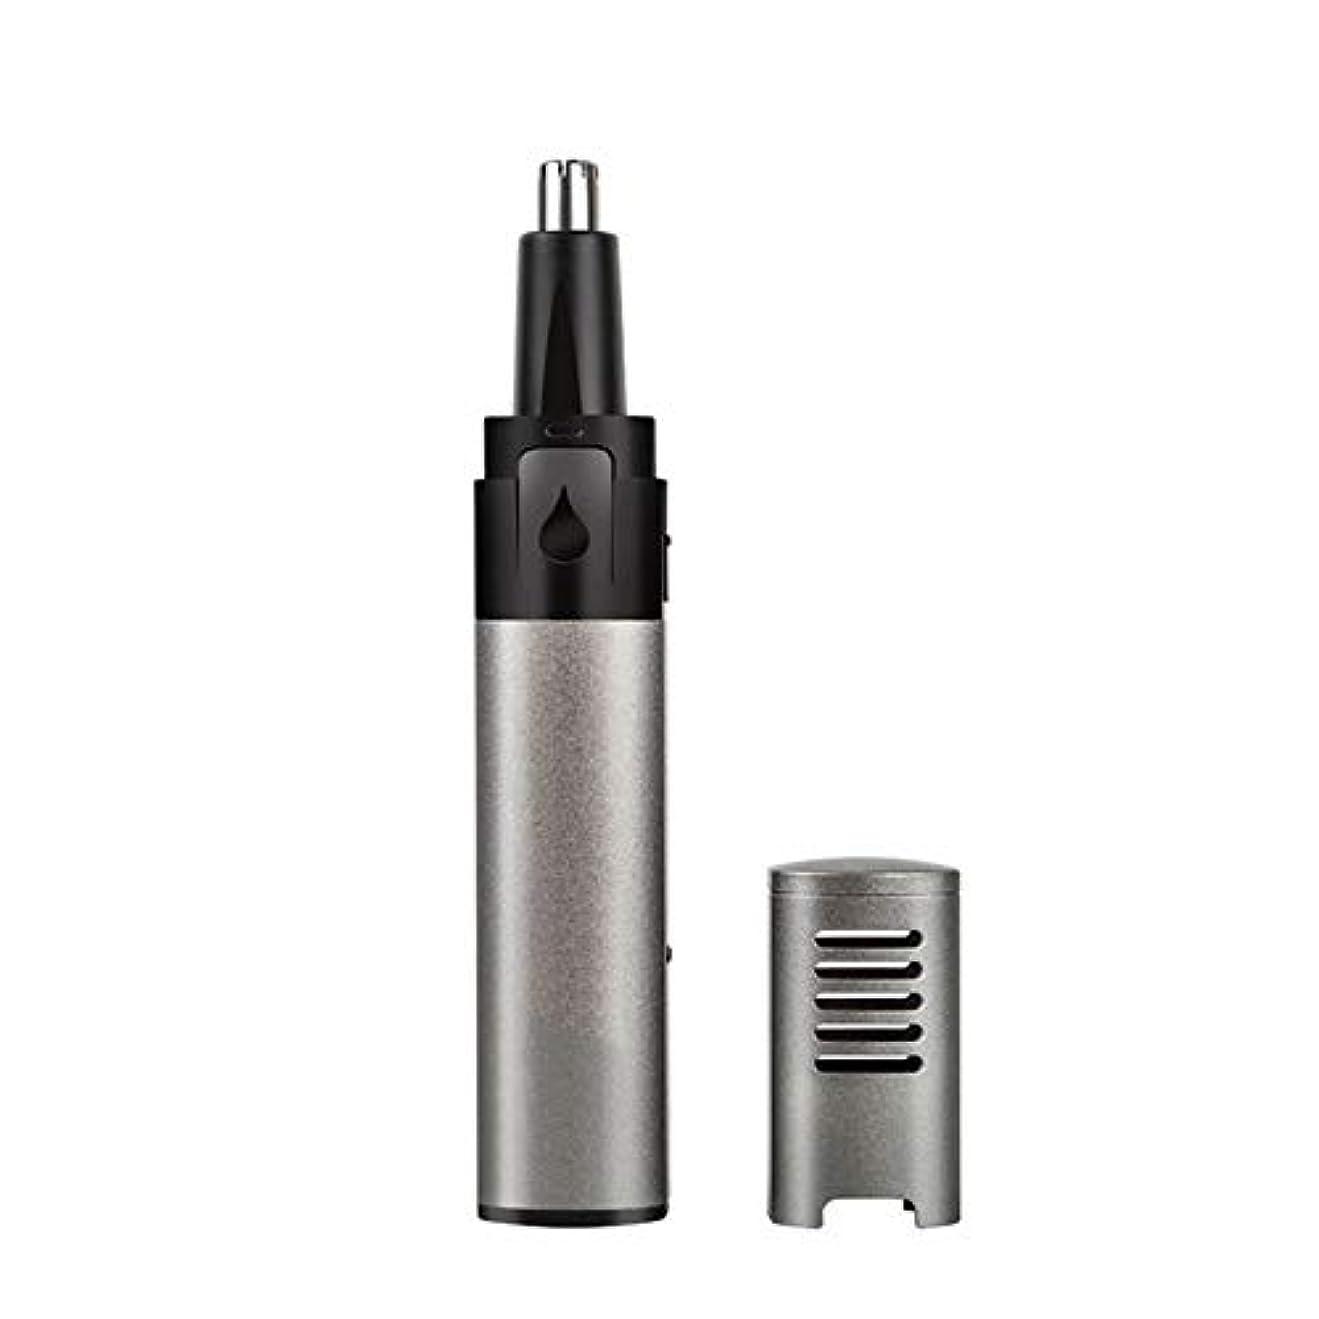 キロメートル狂人メロディアス電気鼻毛トリマーメンズ女性USB充電式シェービング鼻毛ポータブルボディーウォッシュ シェービングをお楽しみください (Color : Black, Size : USB)